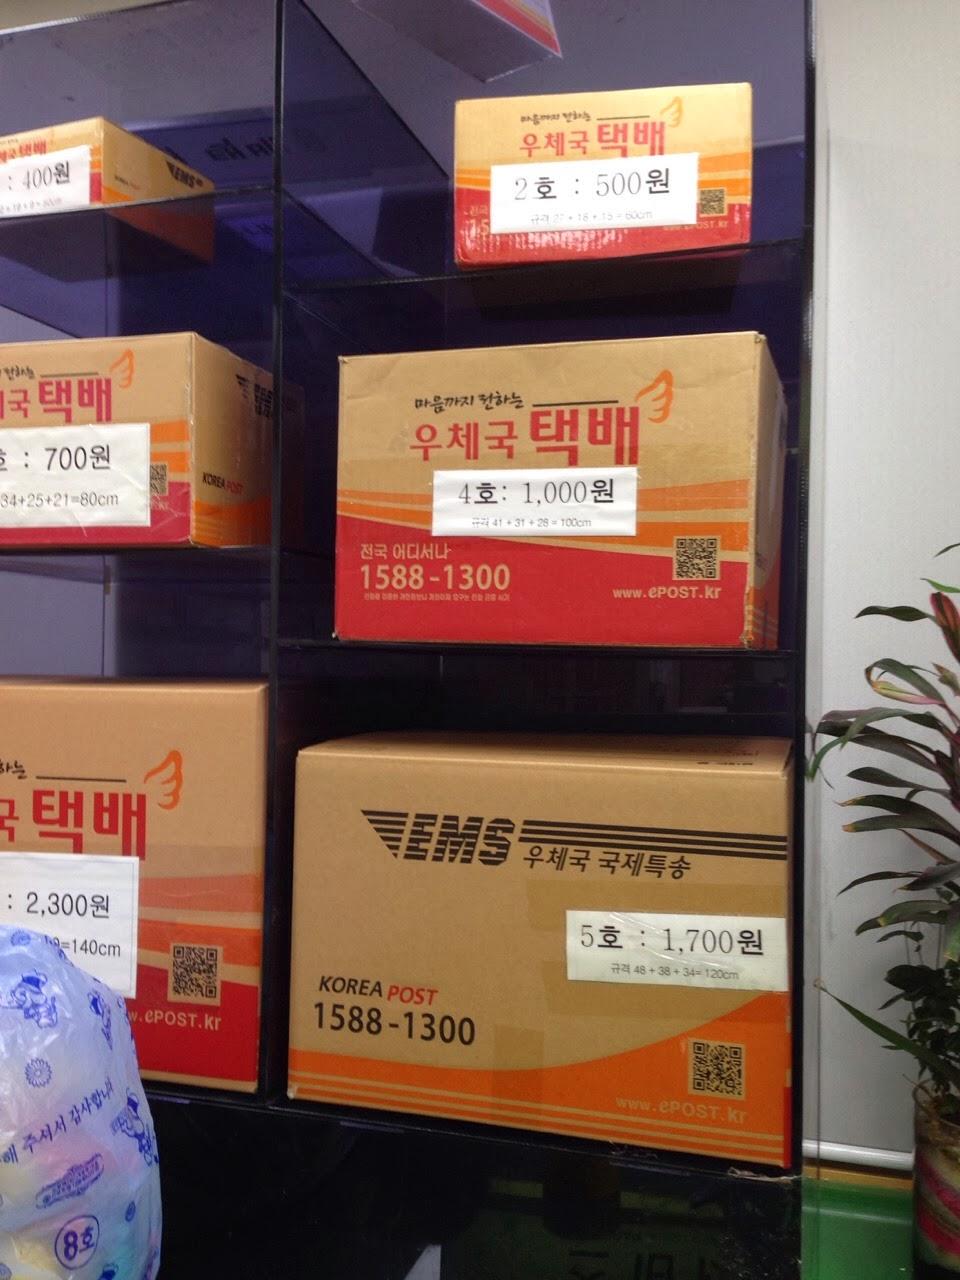 韓國,運費,漲價,郵資,匯率,EMS,